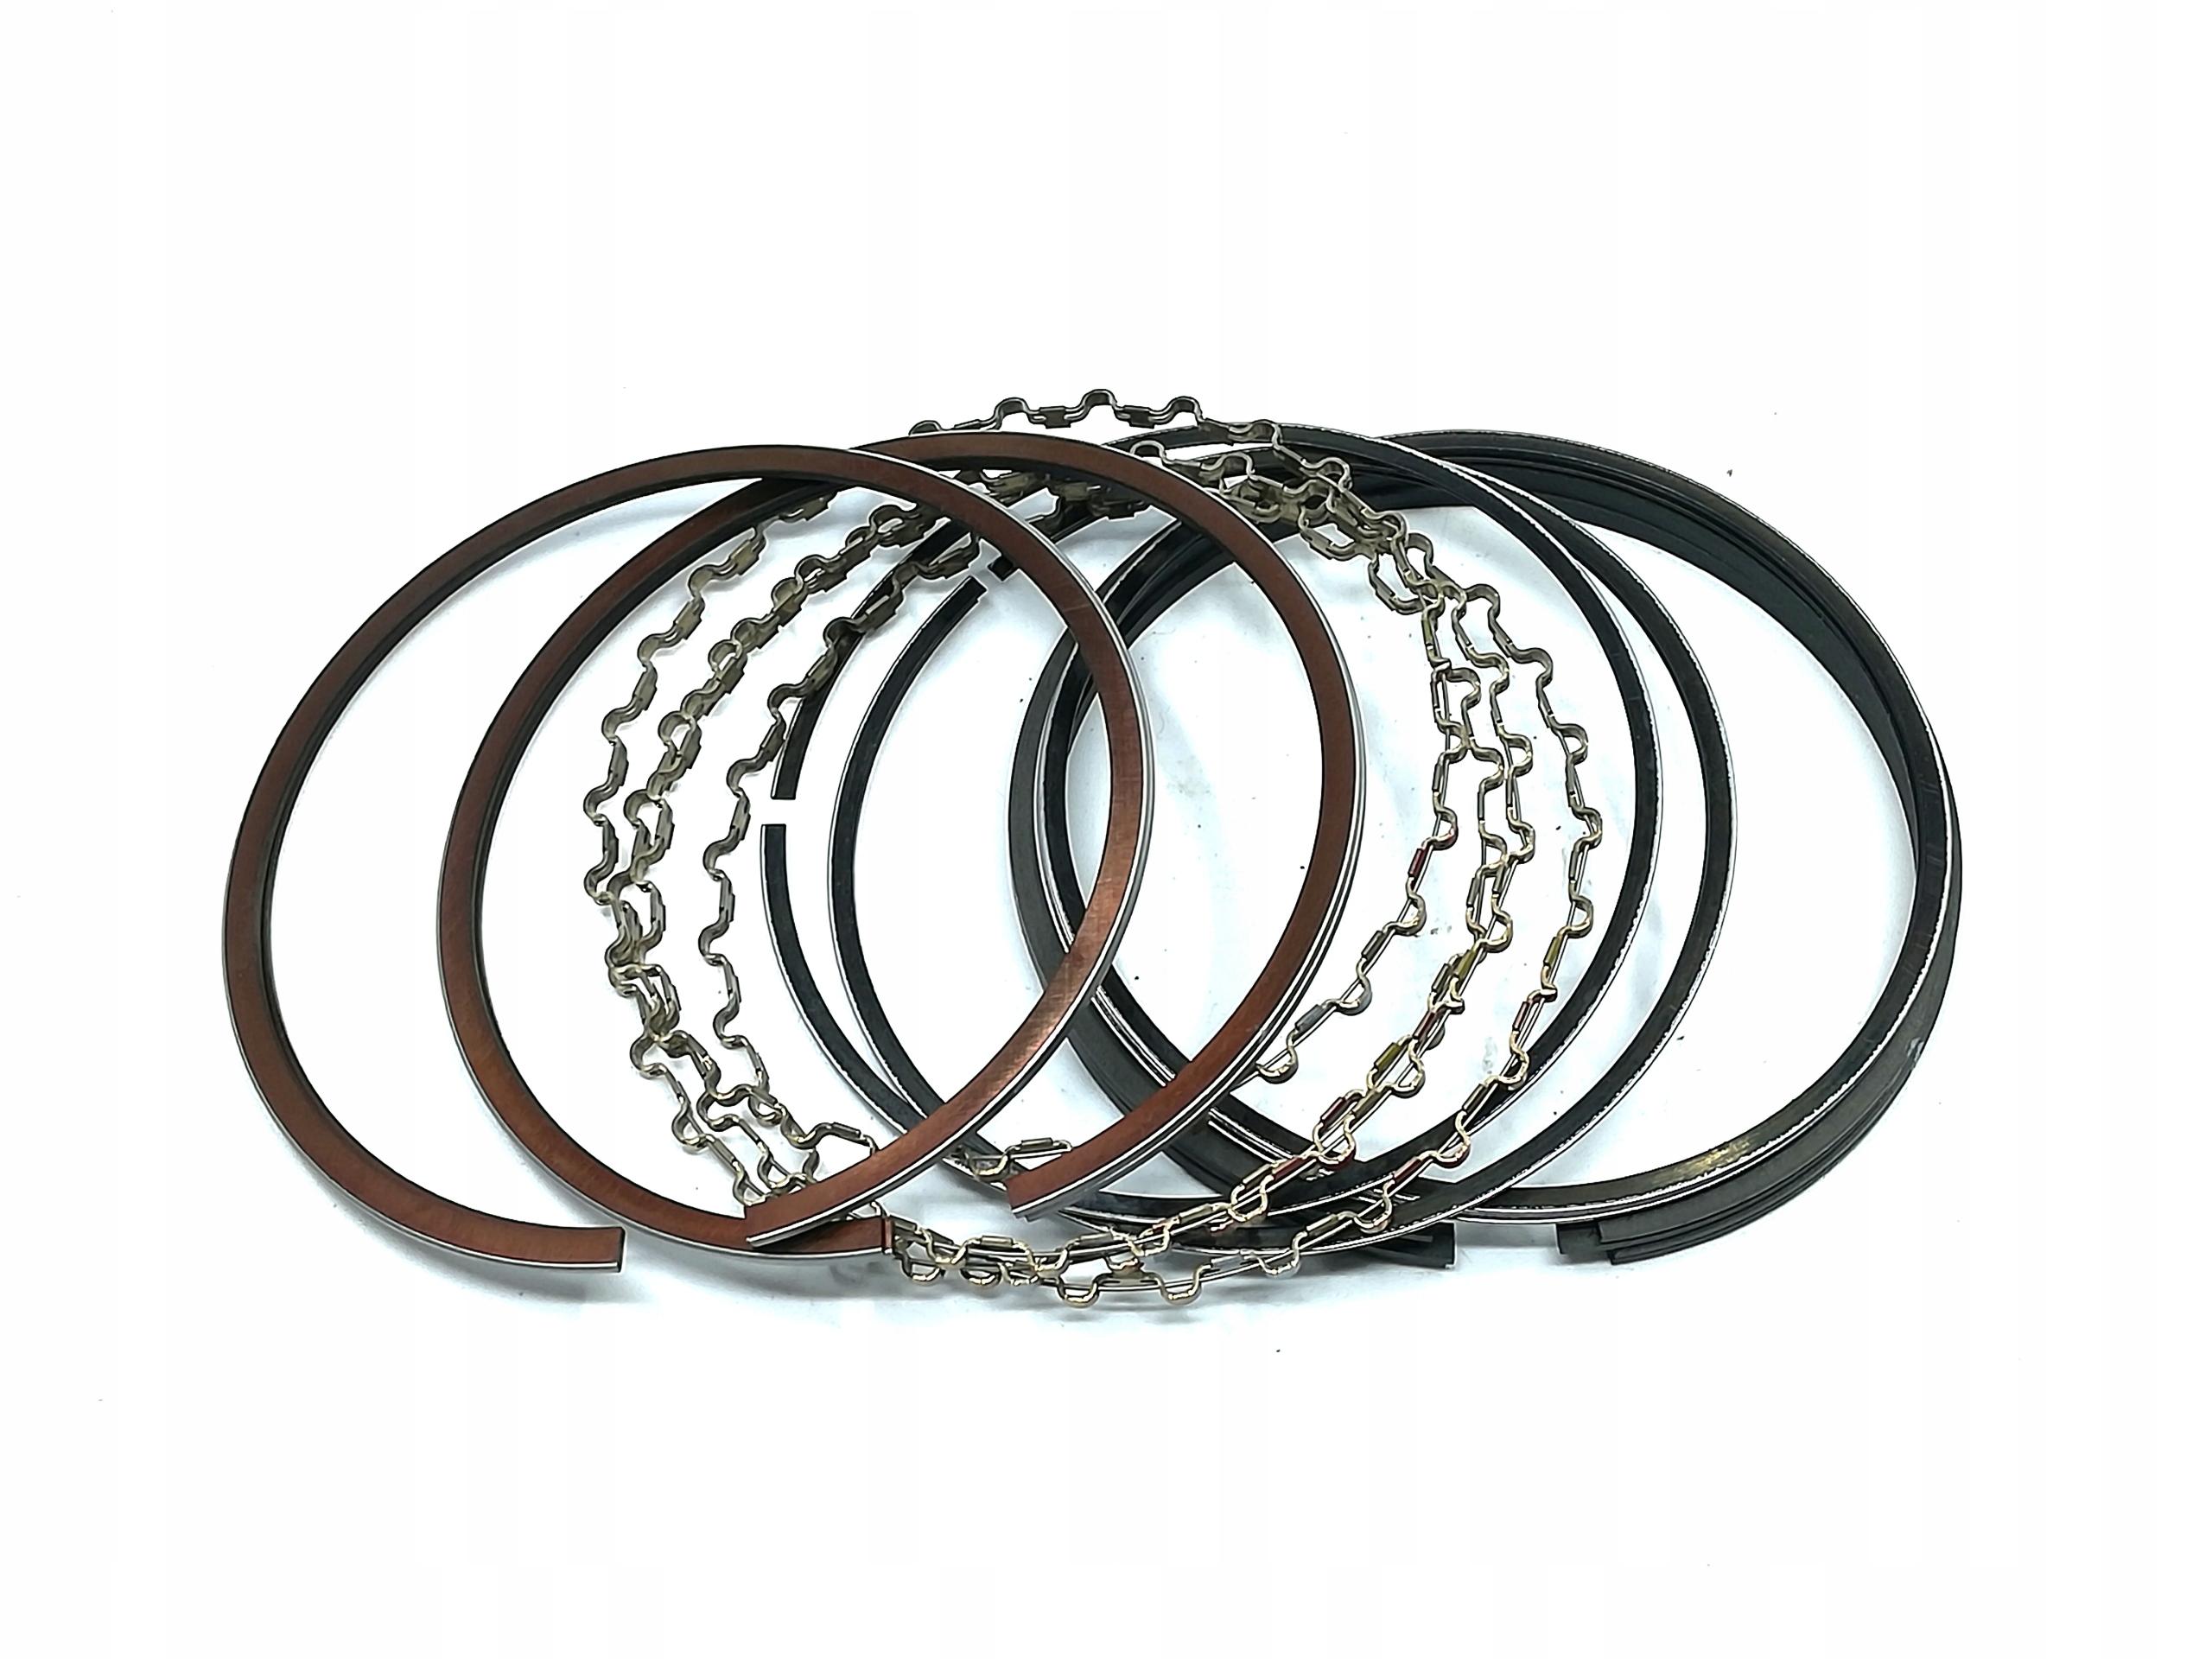 кольца поршневые lanos nubira 93740226 oe